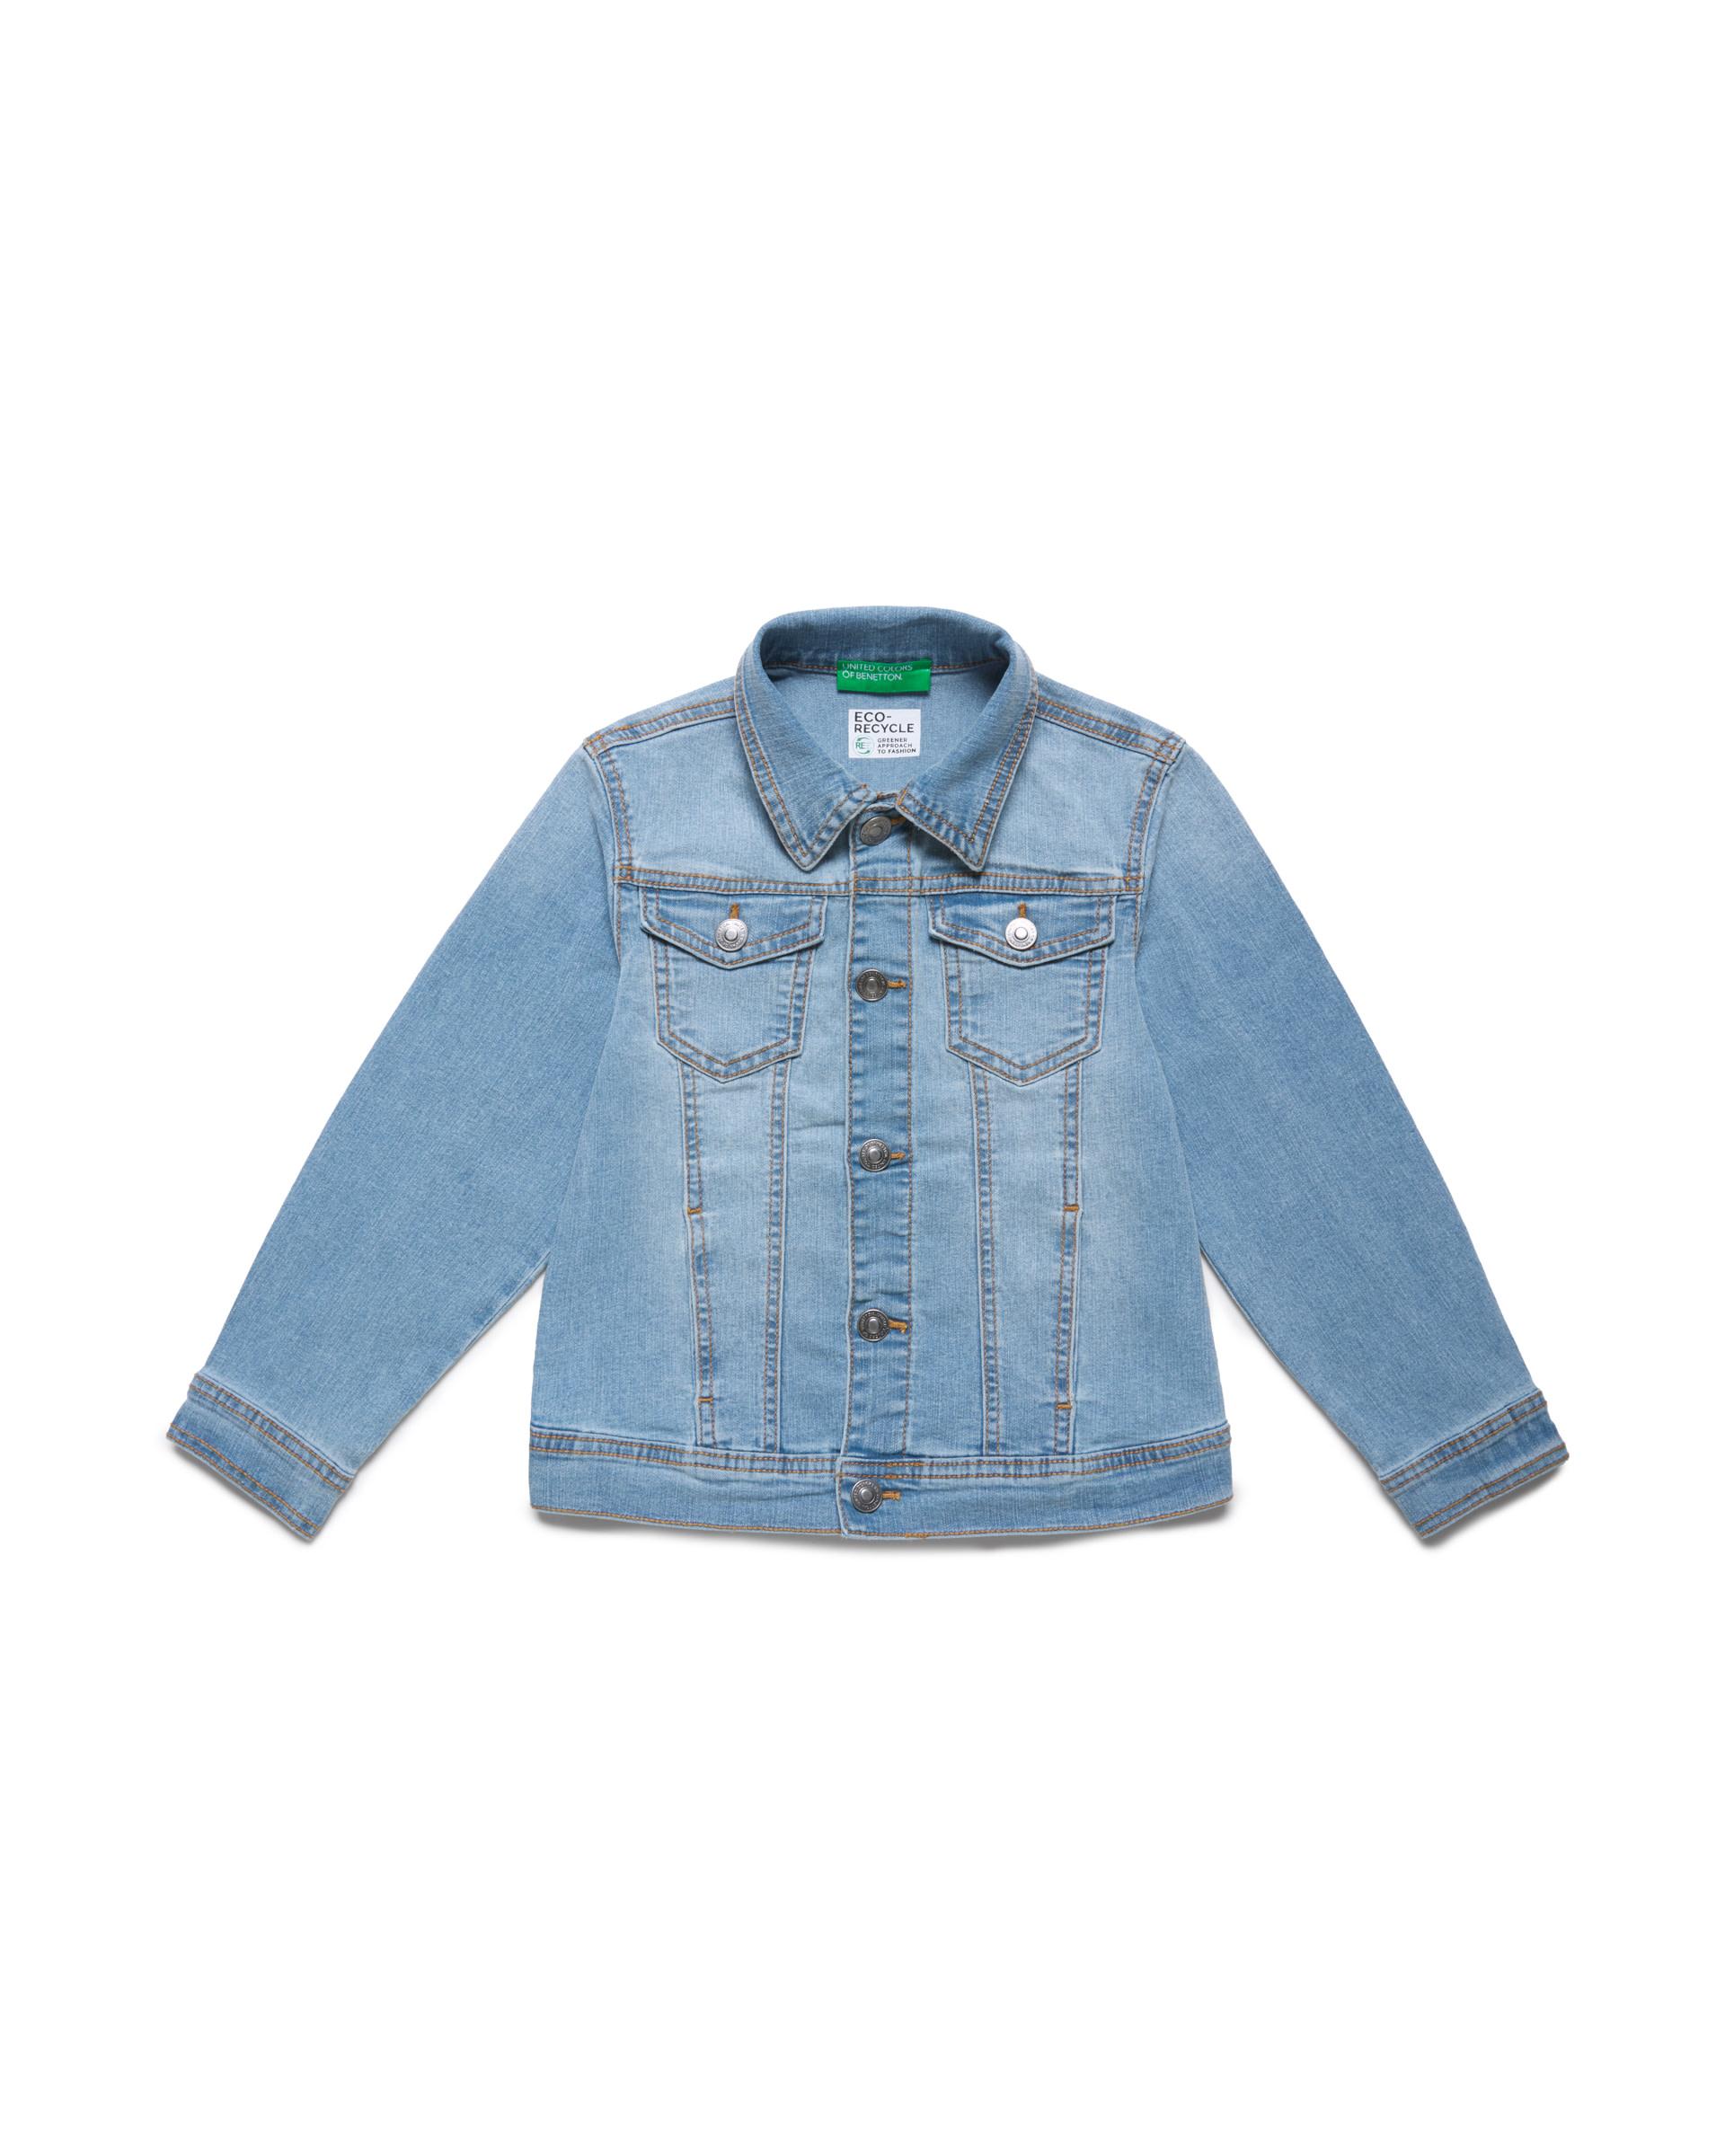 Купить 20P_2XA253HM0_902, Джинсовая куртка для мальчиков Benetton 2XA253HM0_902 р-р 122, United Colors of Benetton, Куртки для мальчиков